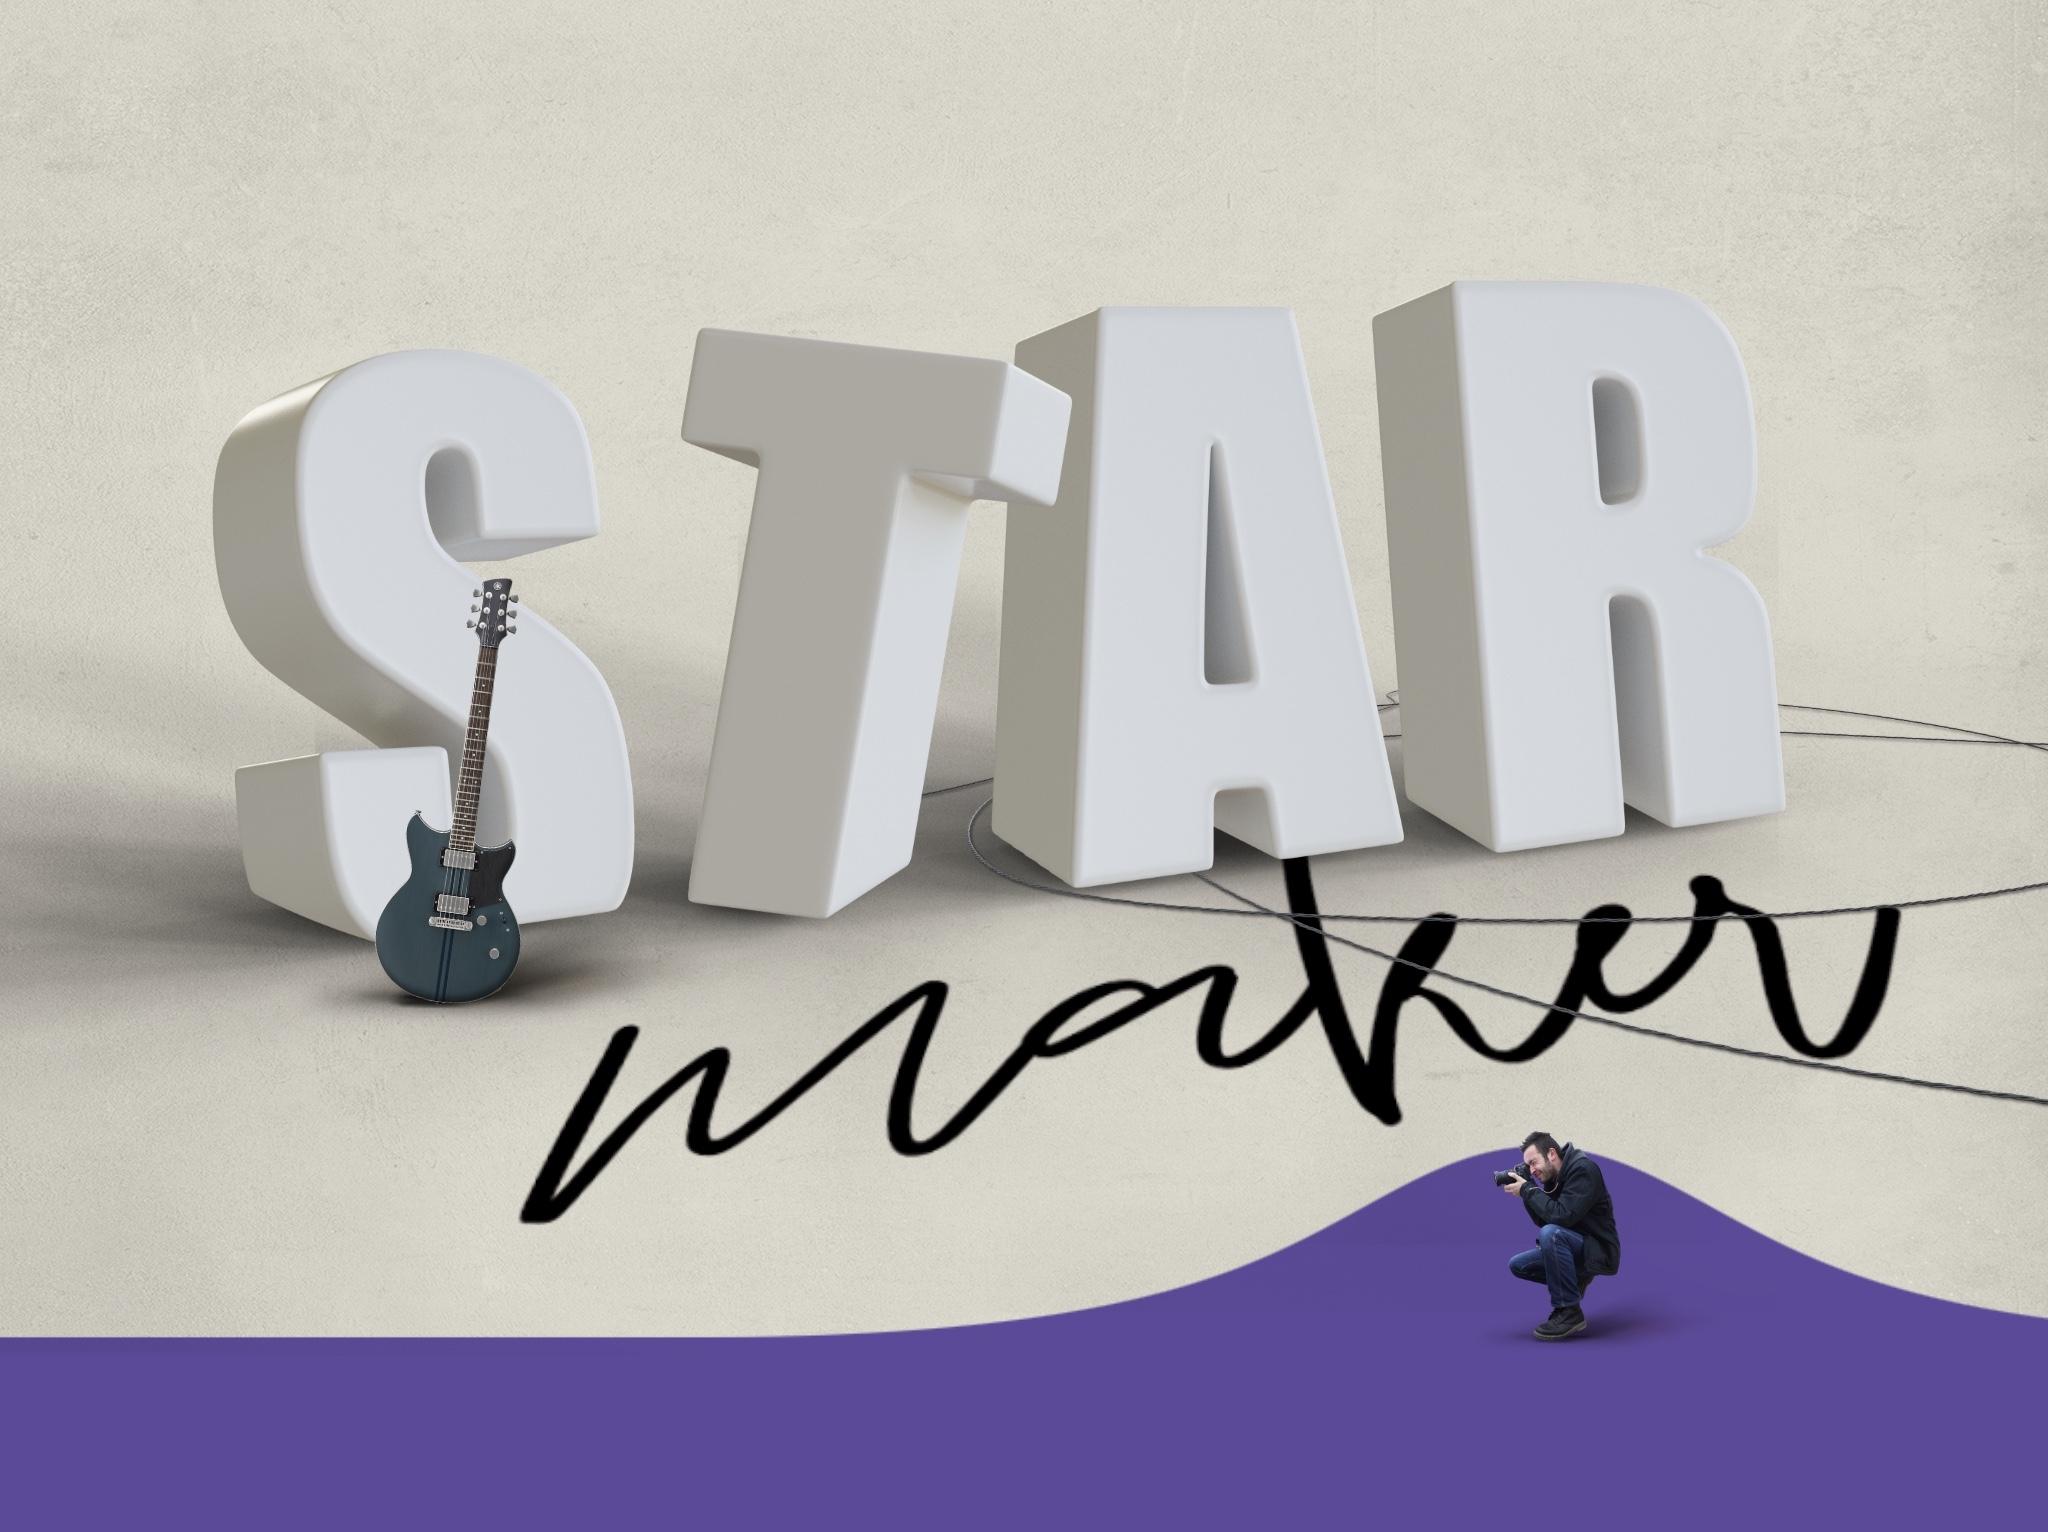 Starmaker Music Yamaha Music Impian Emas Starmaker Banner